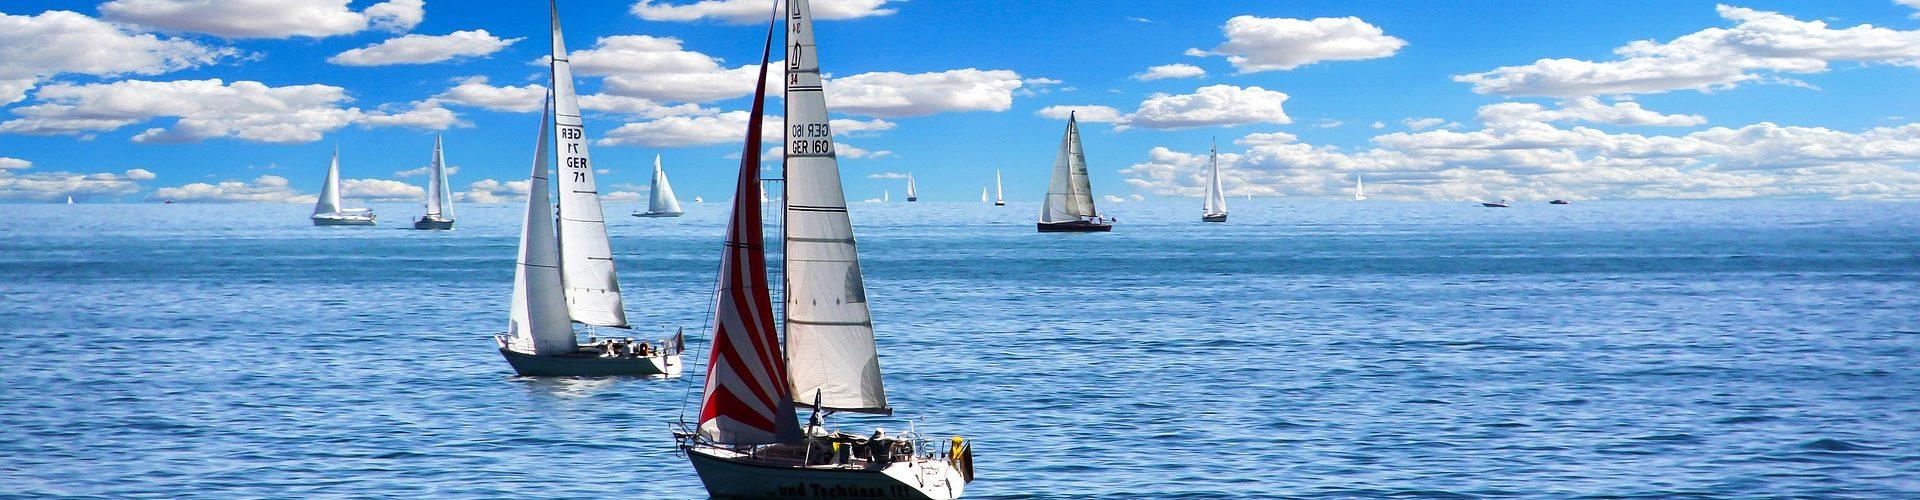 segeln lernen in Wernau segelschein machen in Wernau 1920x500 - Segeln lernen in Wernau